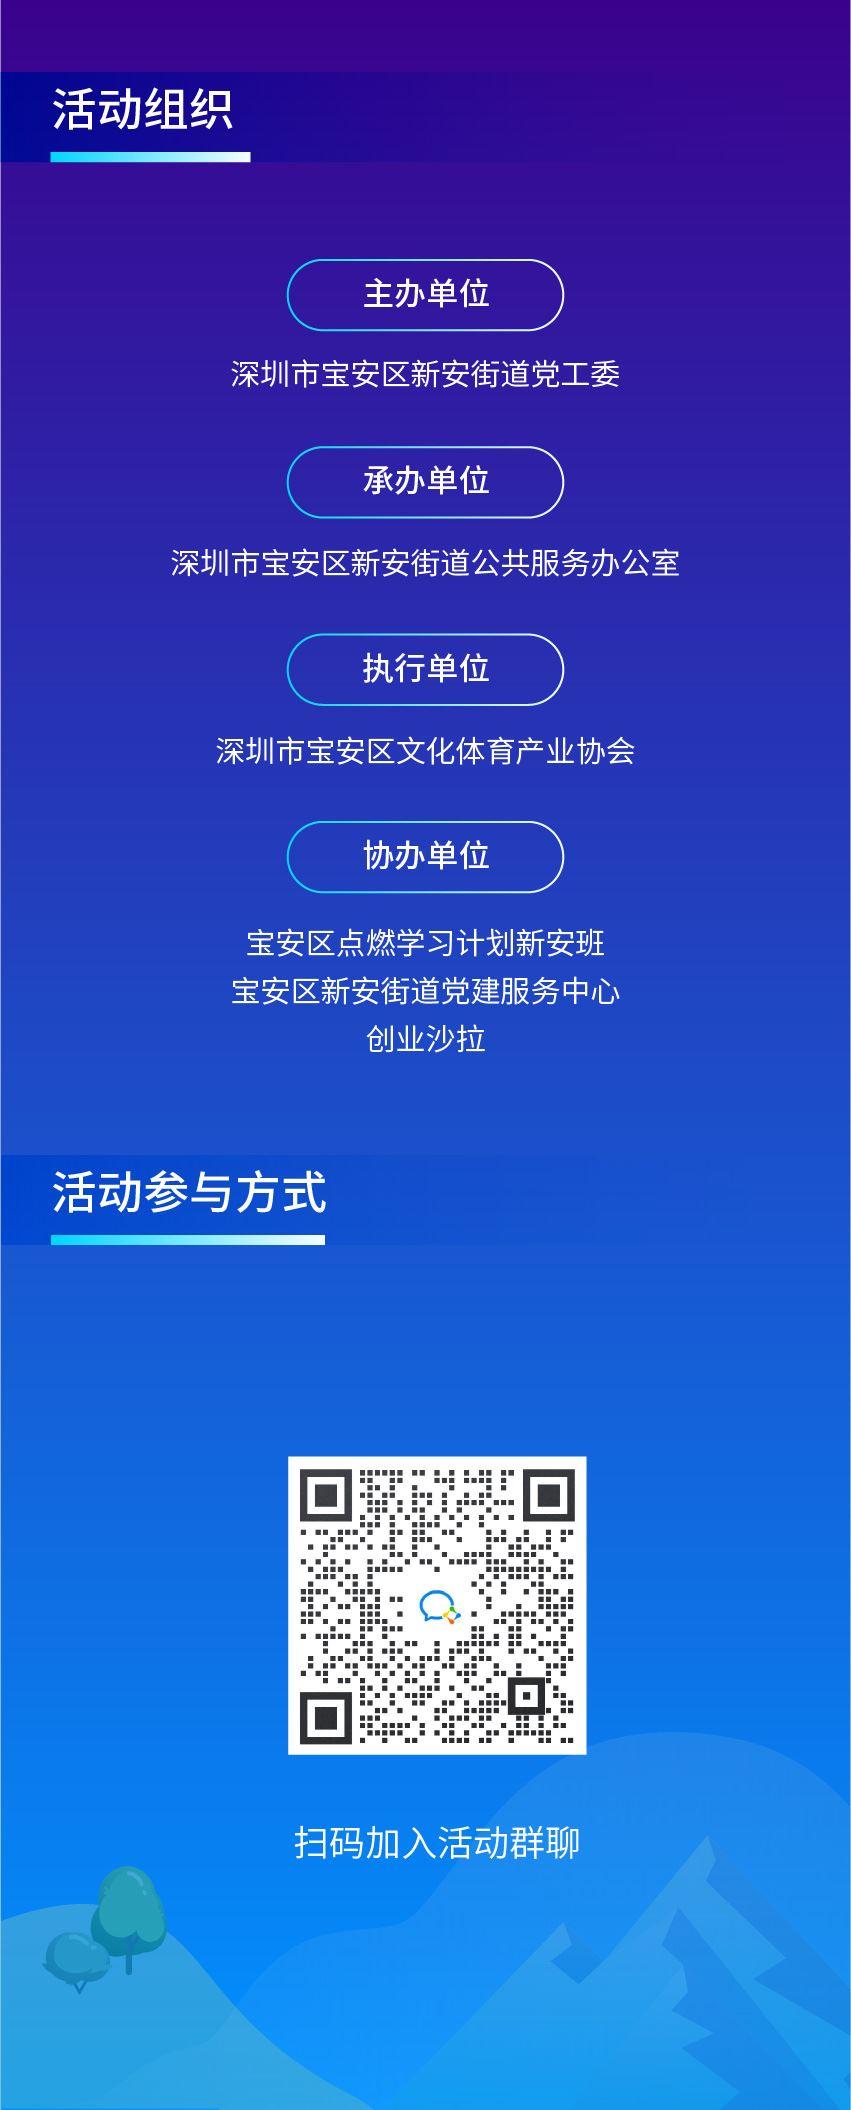 3报名页面_画板 1 副本 2(1).jpg